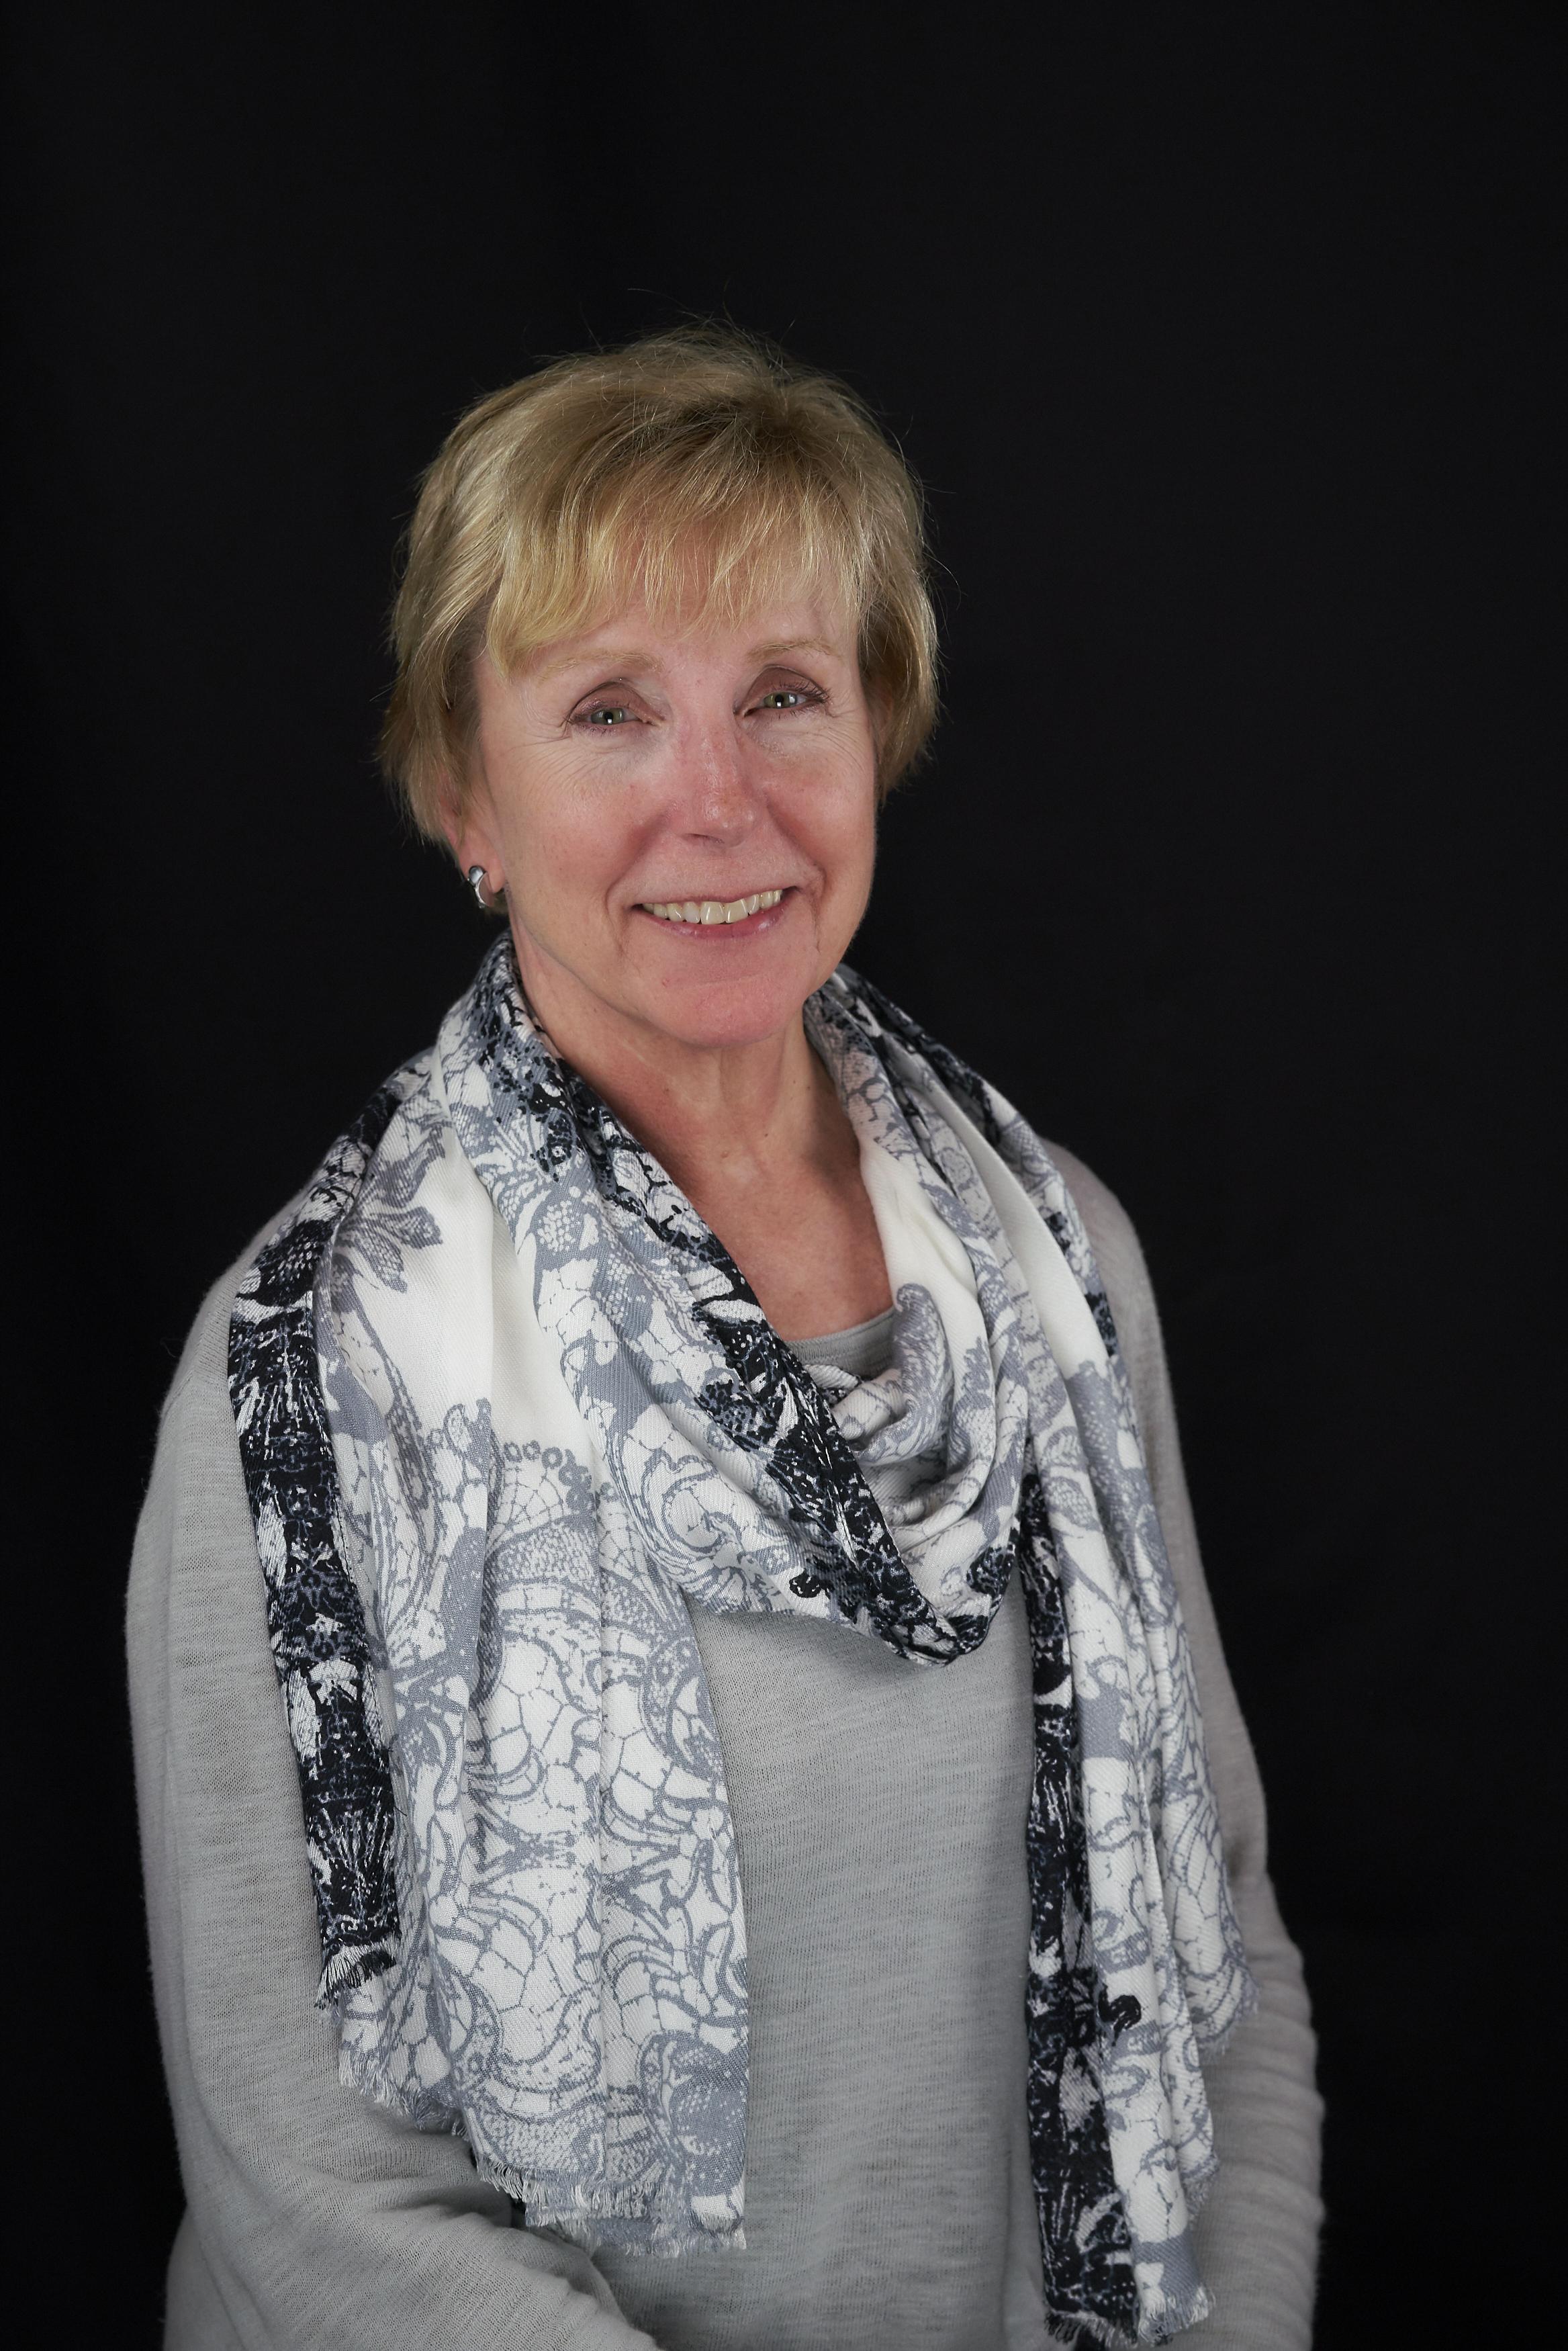 Paula Rutter